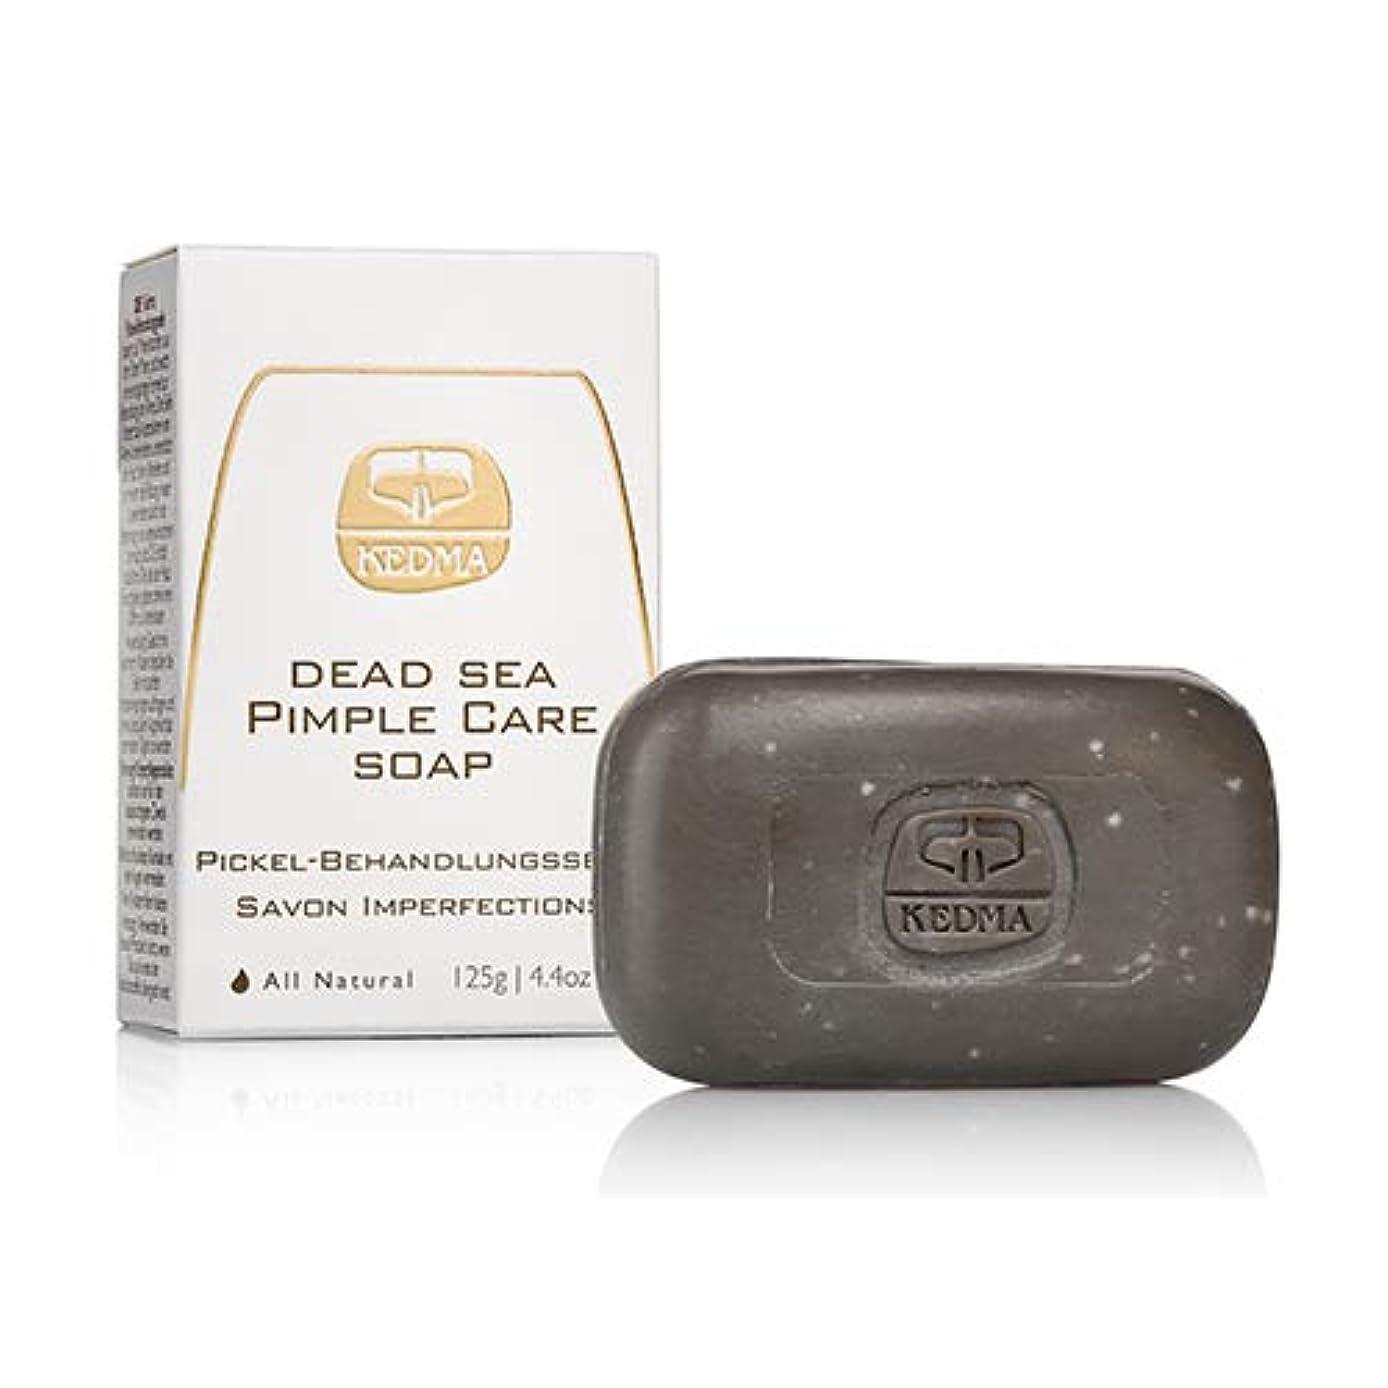 仕える復讐内なる【日本初上陸/正規代理店】KEDMA死海のミネラル石鹸 死海ピンプルケアソープ 125g